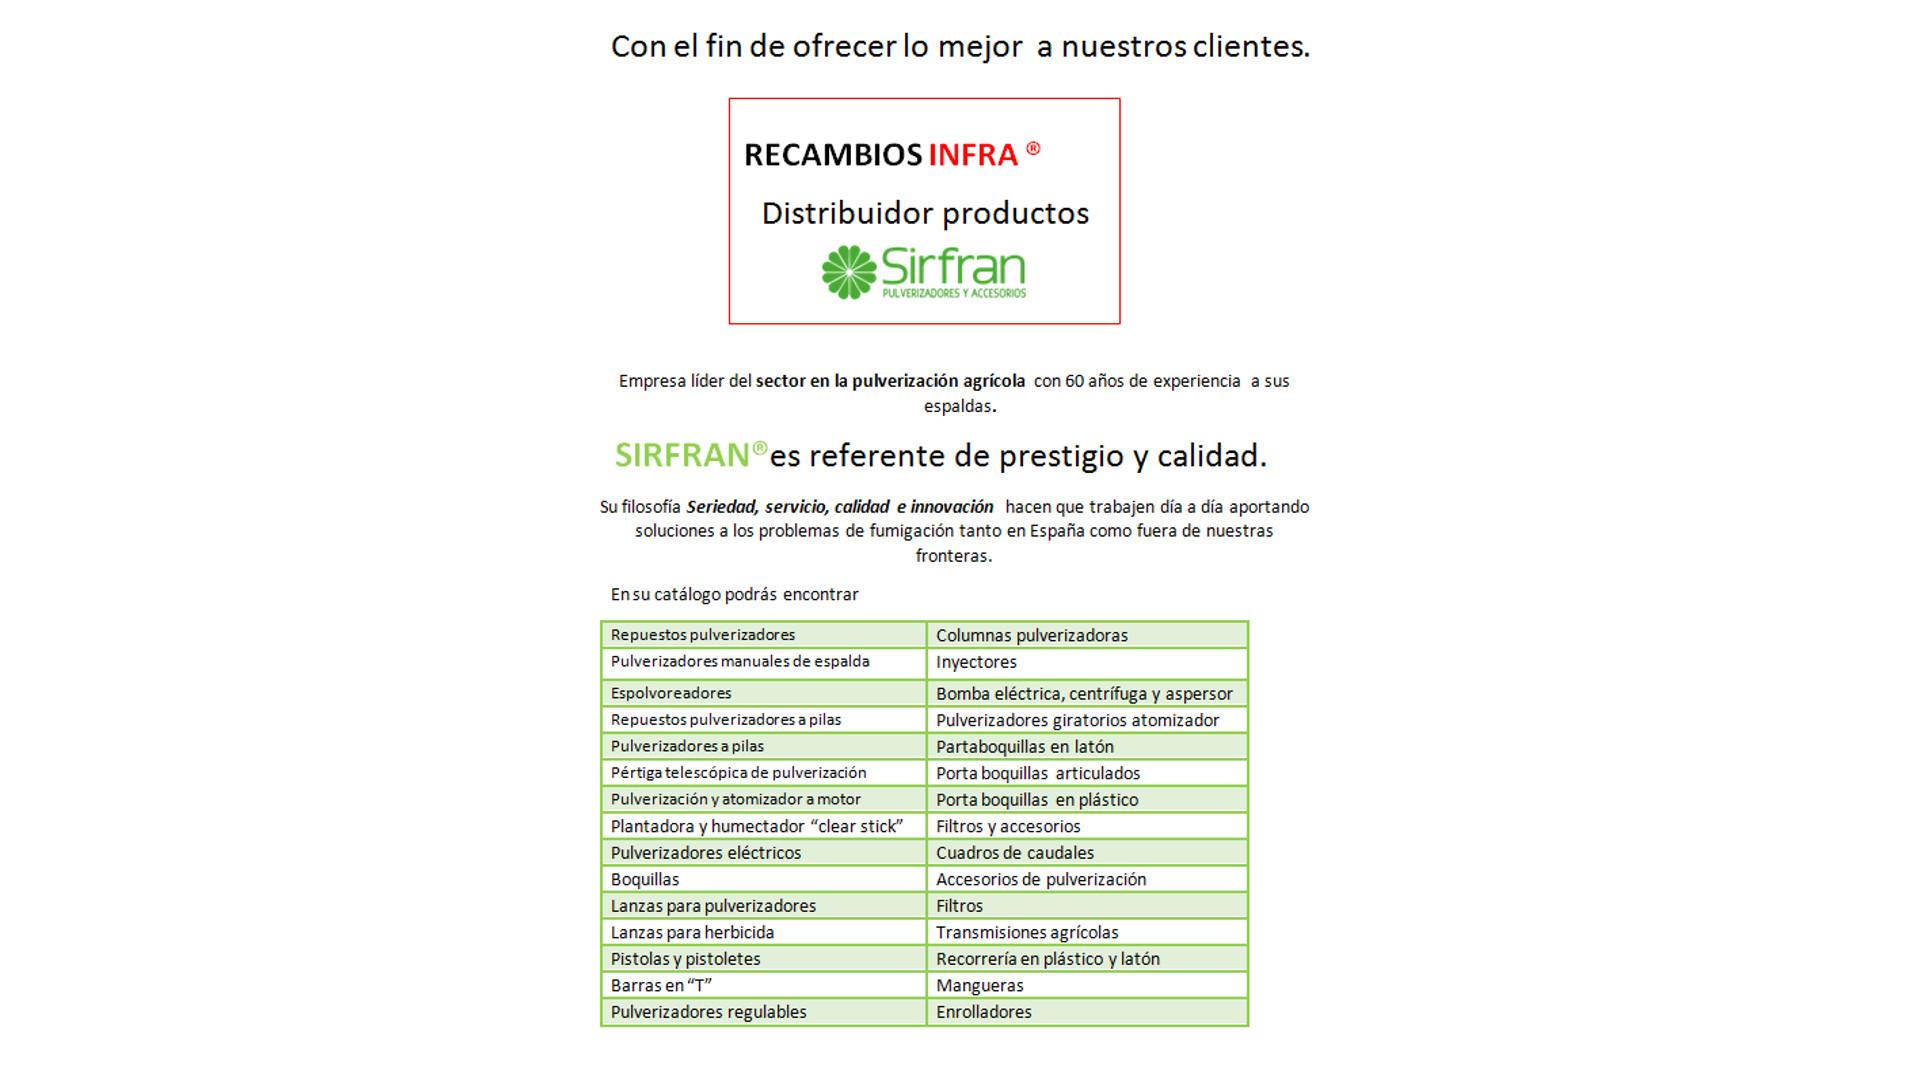 somos distribuidores de productos sirfran